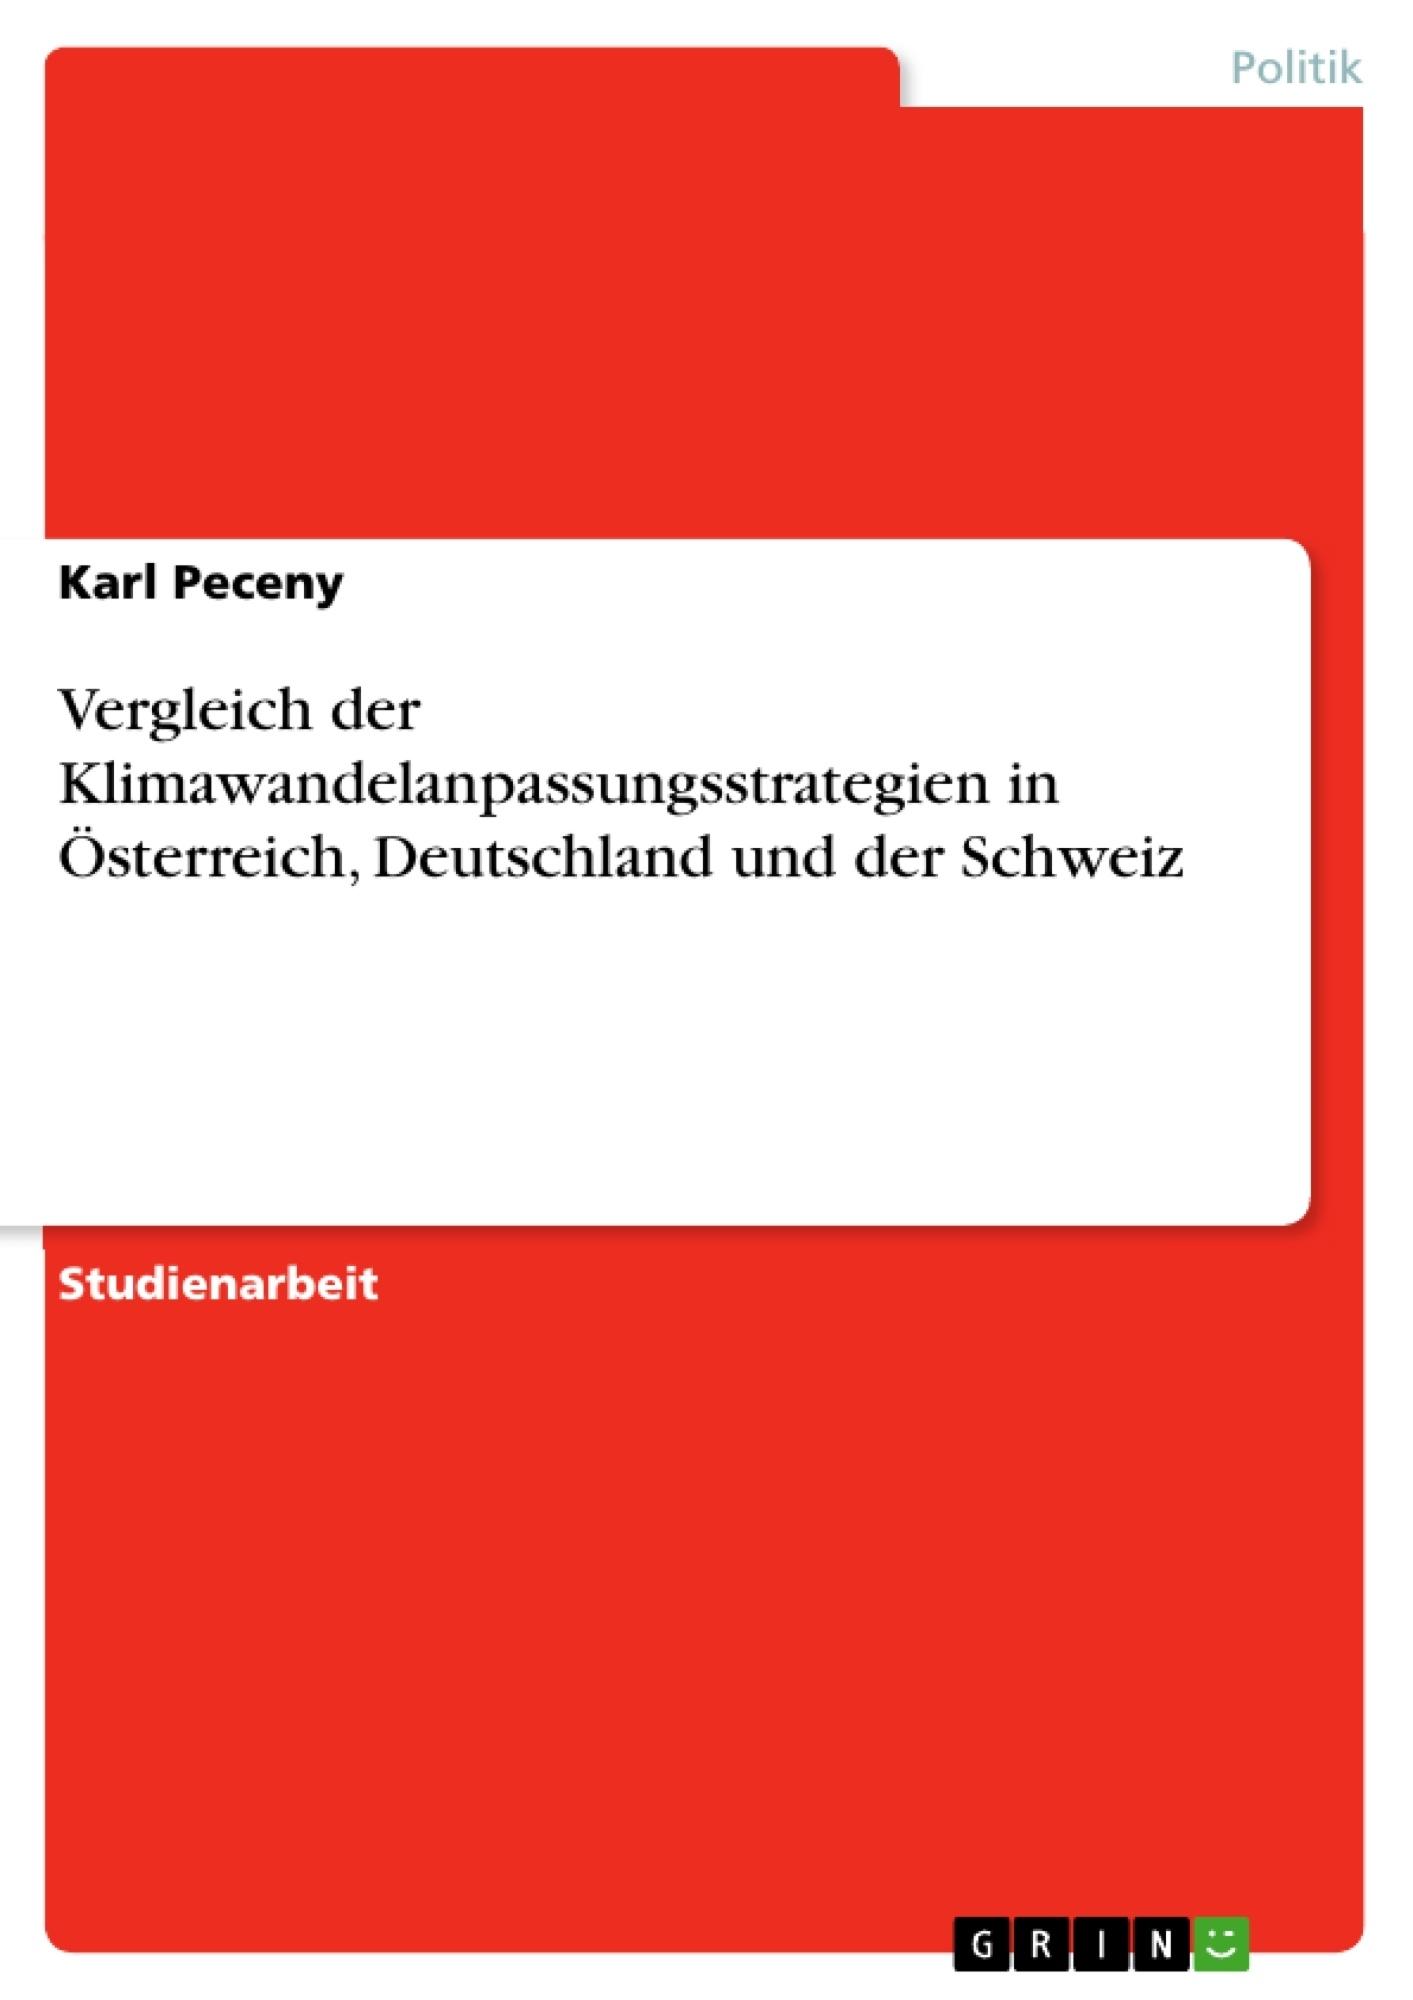 Titel: Vergleich der Klimawandelanpassungsstrategien in Österreich, Deutschland und der Schweiz